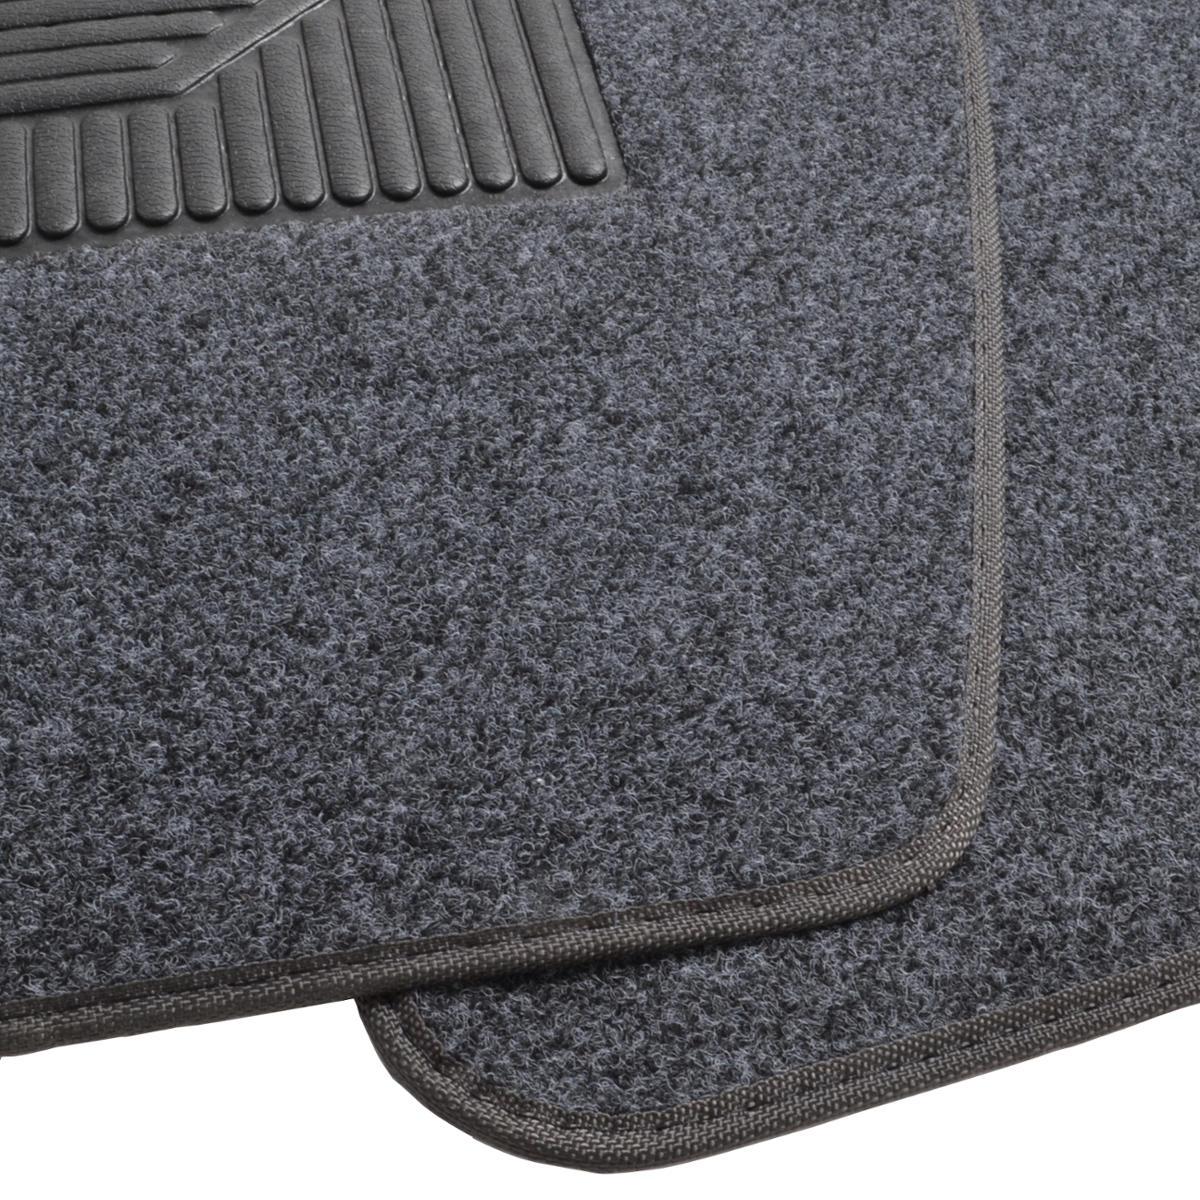 Dark Gray Carpet Car Floor Mats For Van Truck SUV